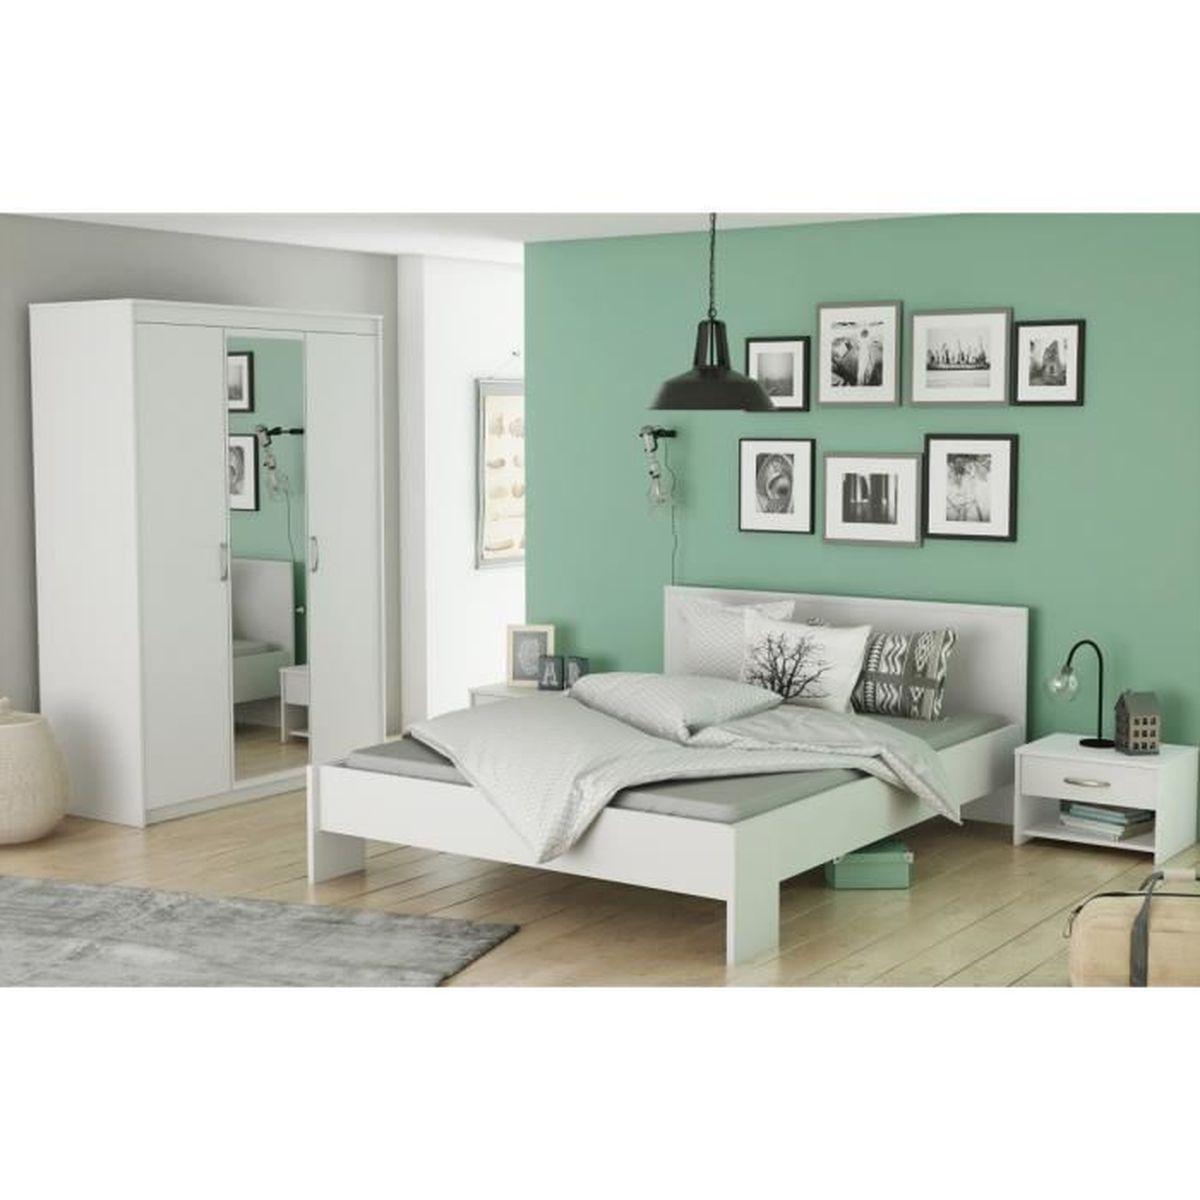 Chambre Adulte En Bois Blanc Perle Cb126 160x200 Achat